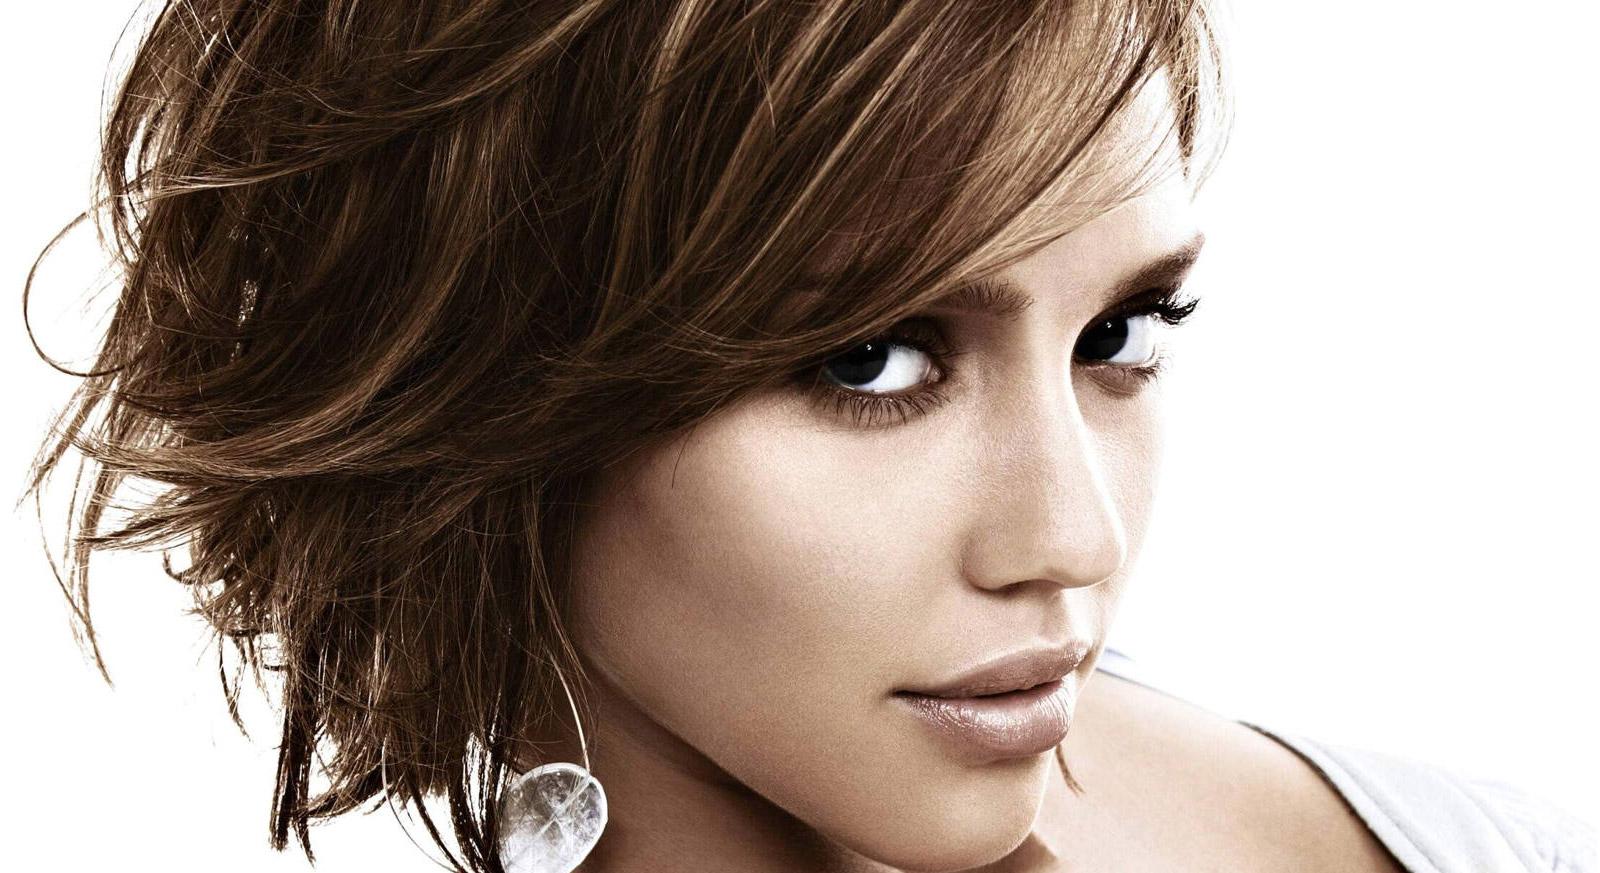 Indie Haircuts Women 2014 Short Haircut For Women